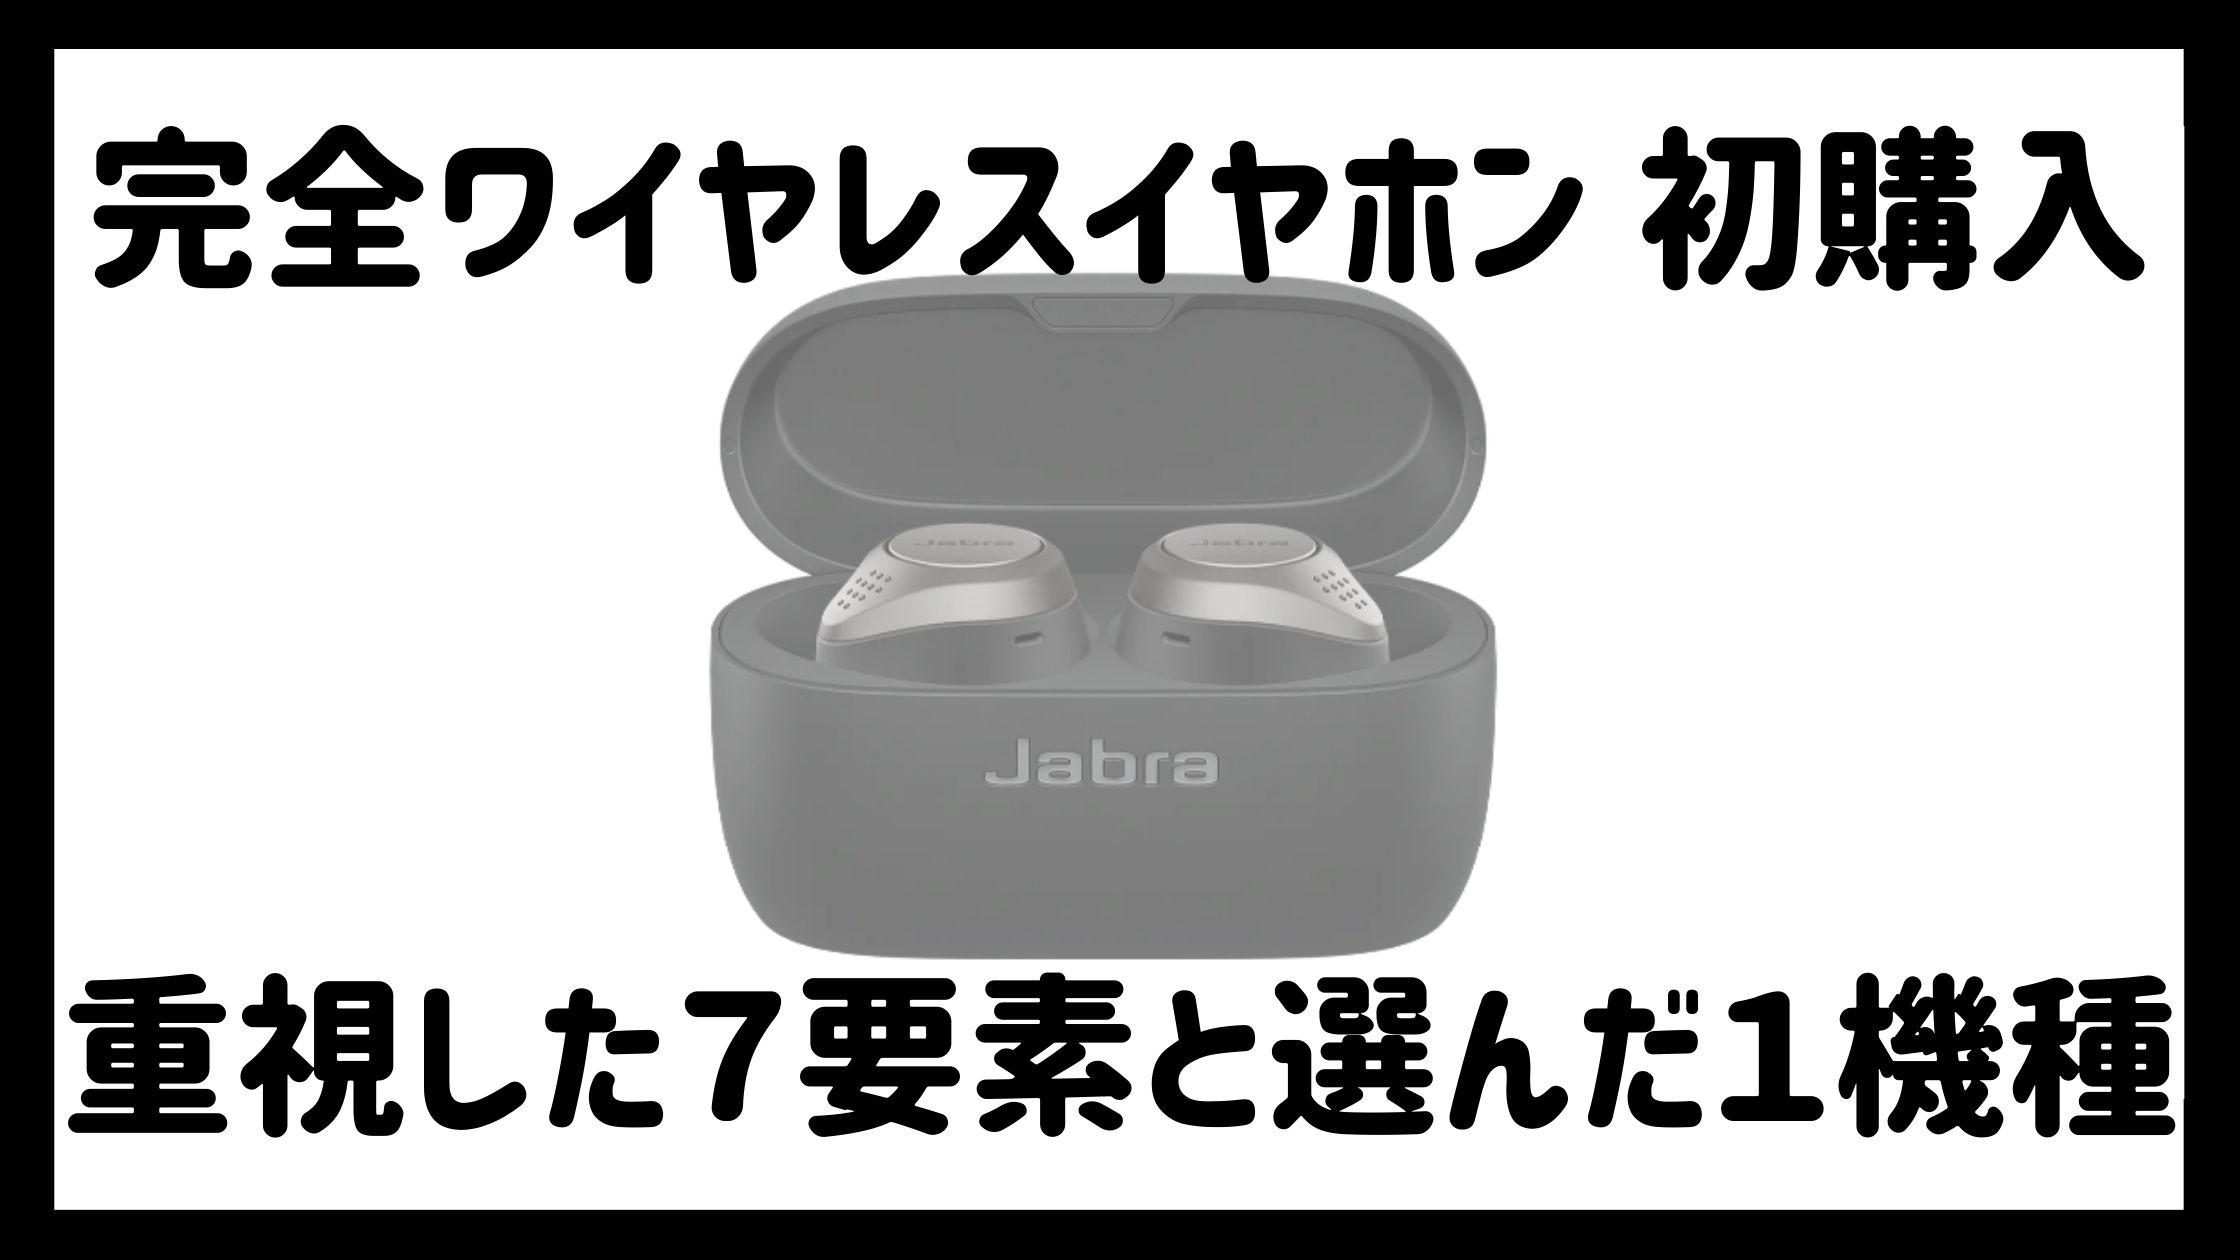 完全ワイヤレスイヤホン おすすめ コスパ最強 安い ノイズキャンセリング マルチポイント 比較 Jabra Elite 75t 理由 レビュー